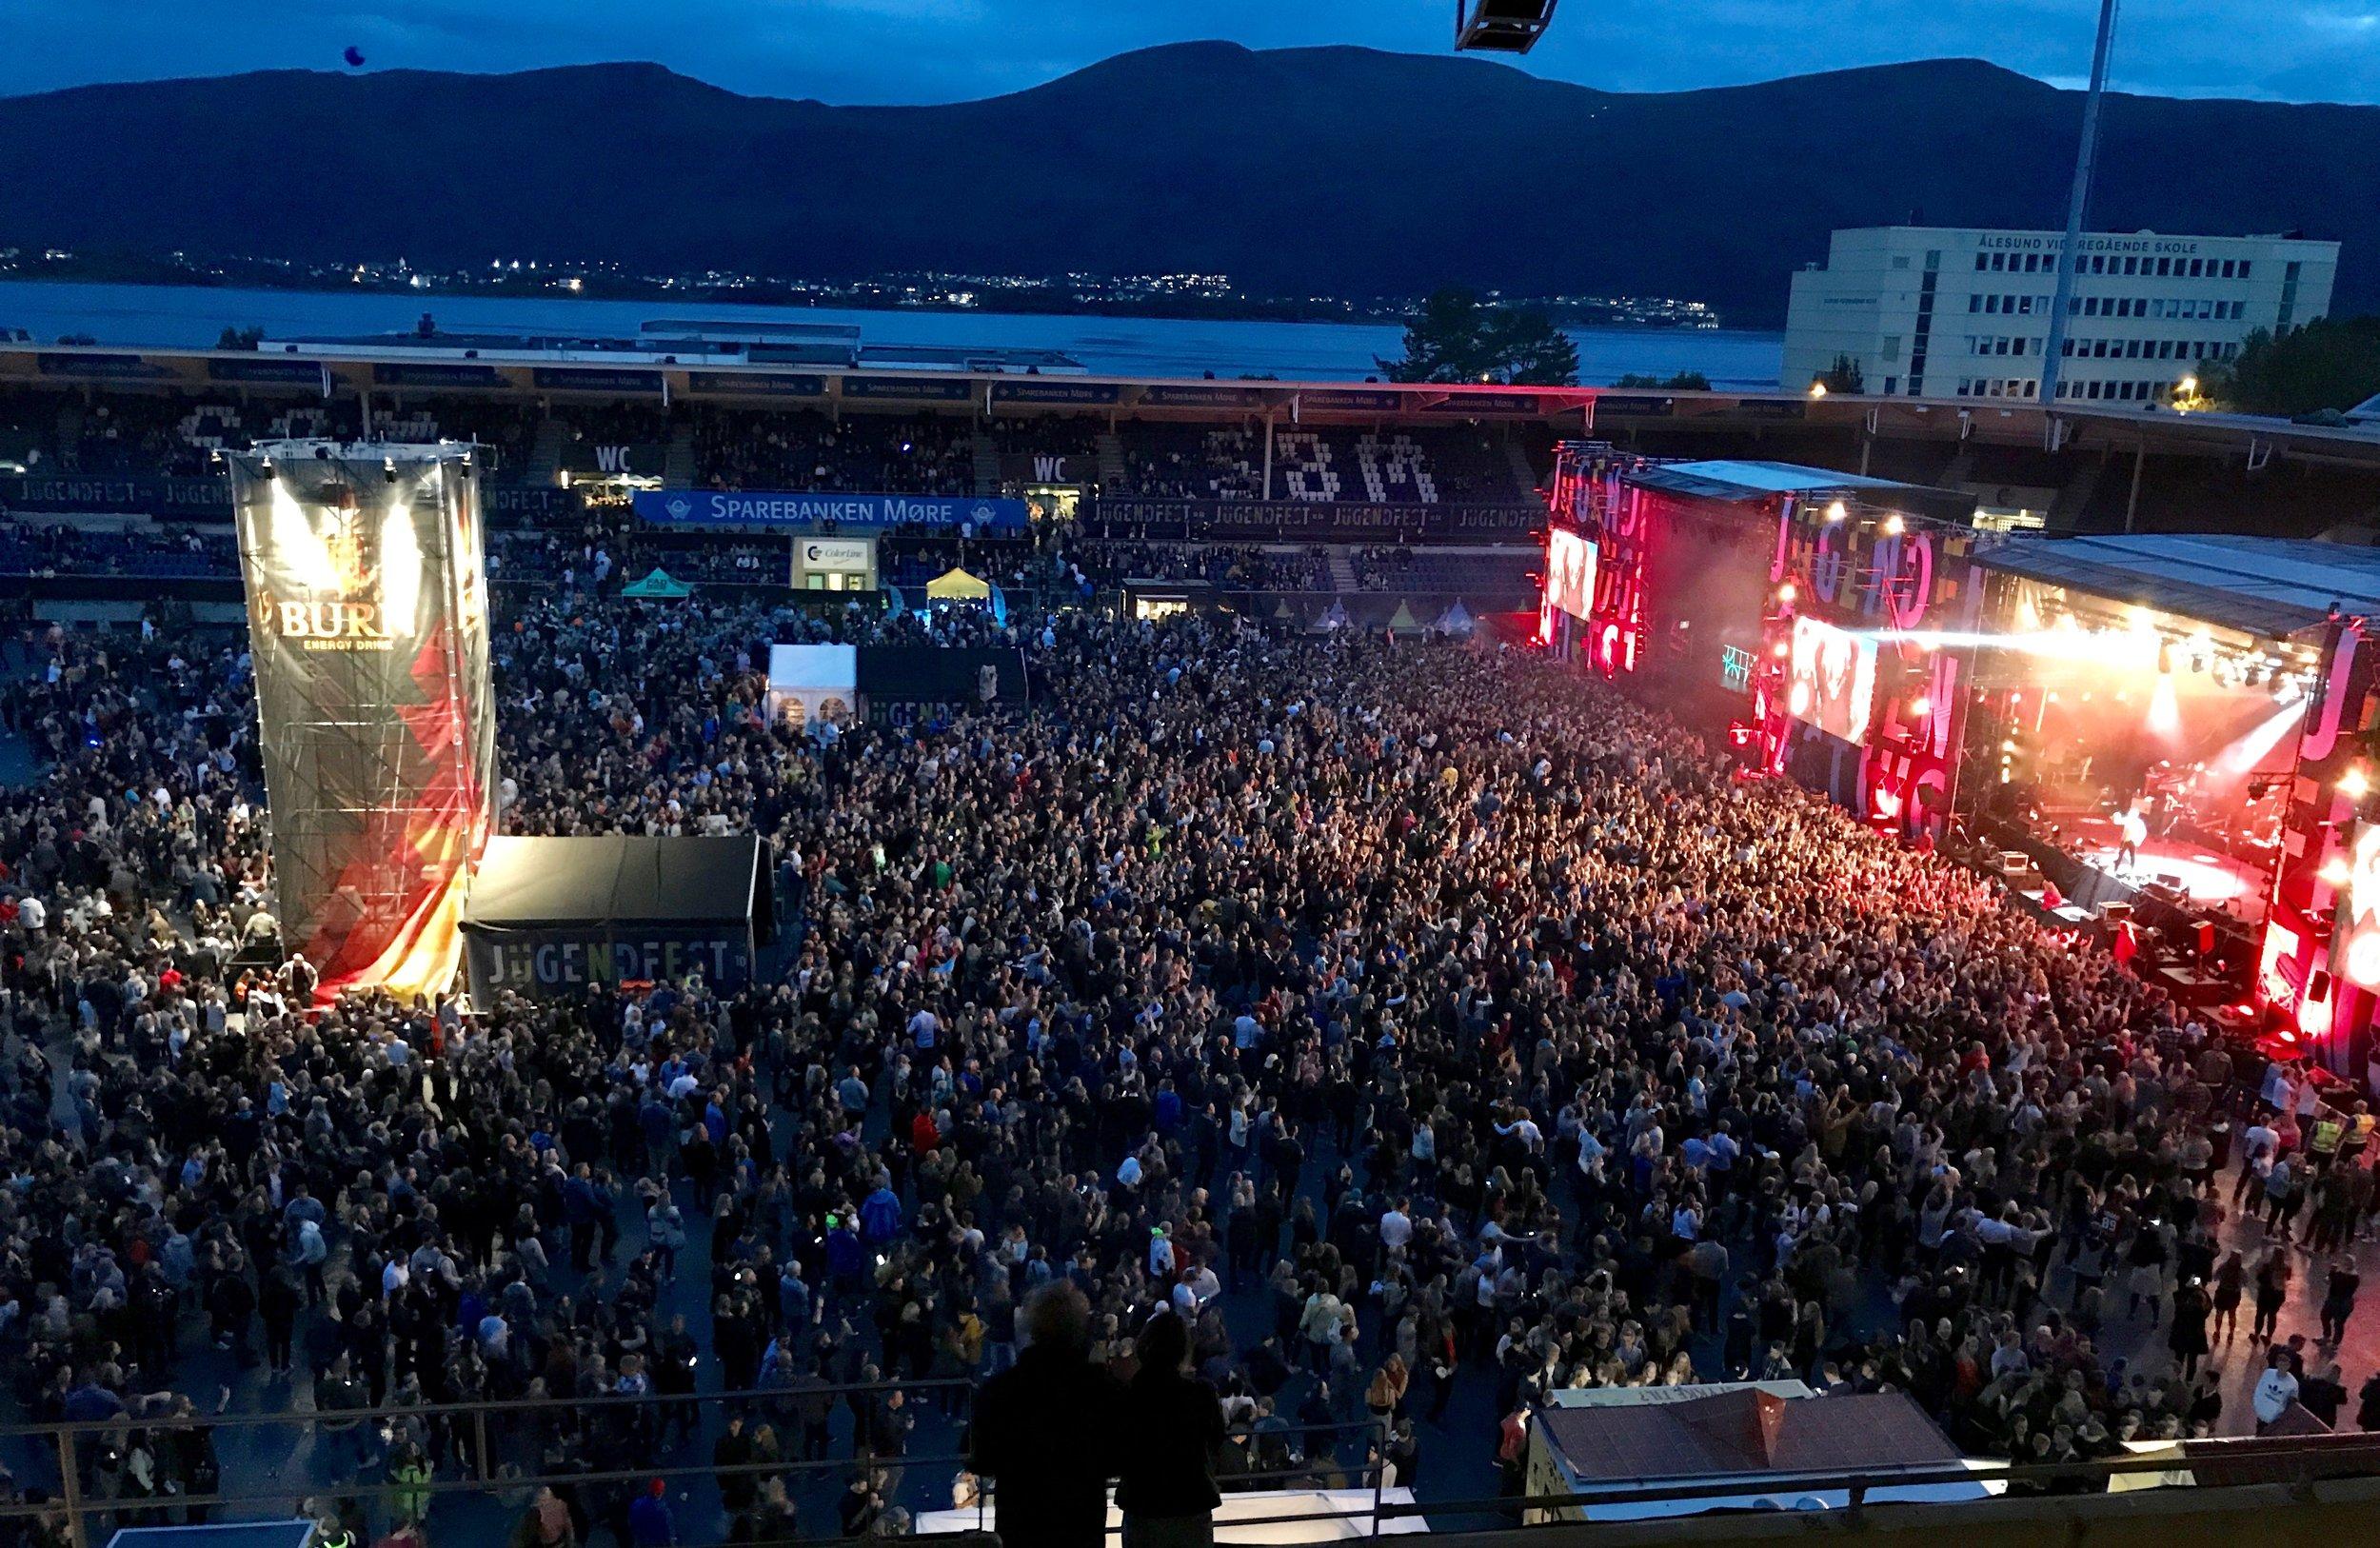 Jugendfest i midten av august er en veldig bra musikkfestival som samler både verdensstjerner og lokale artister.                                       Foto: Odd Roar Lange